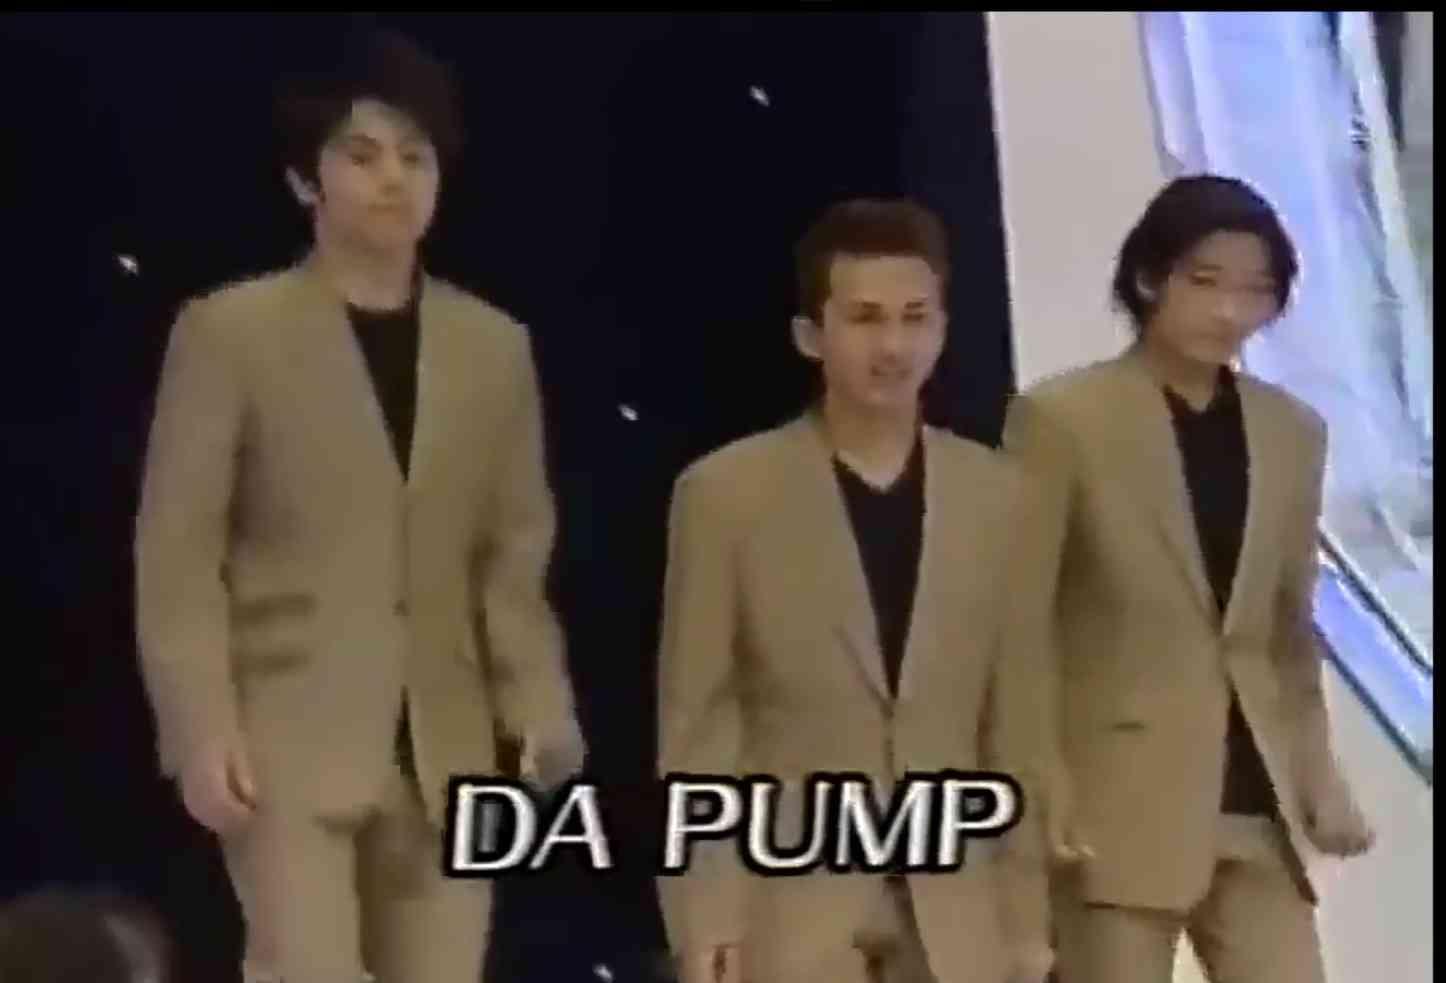 初期のDA PUMP好きな方~!